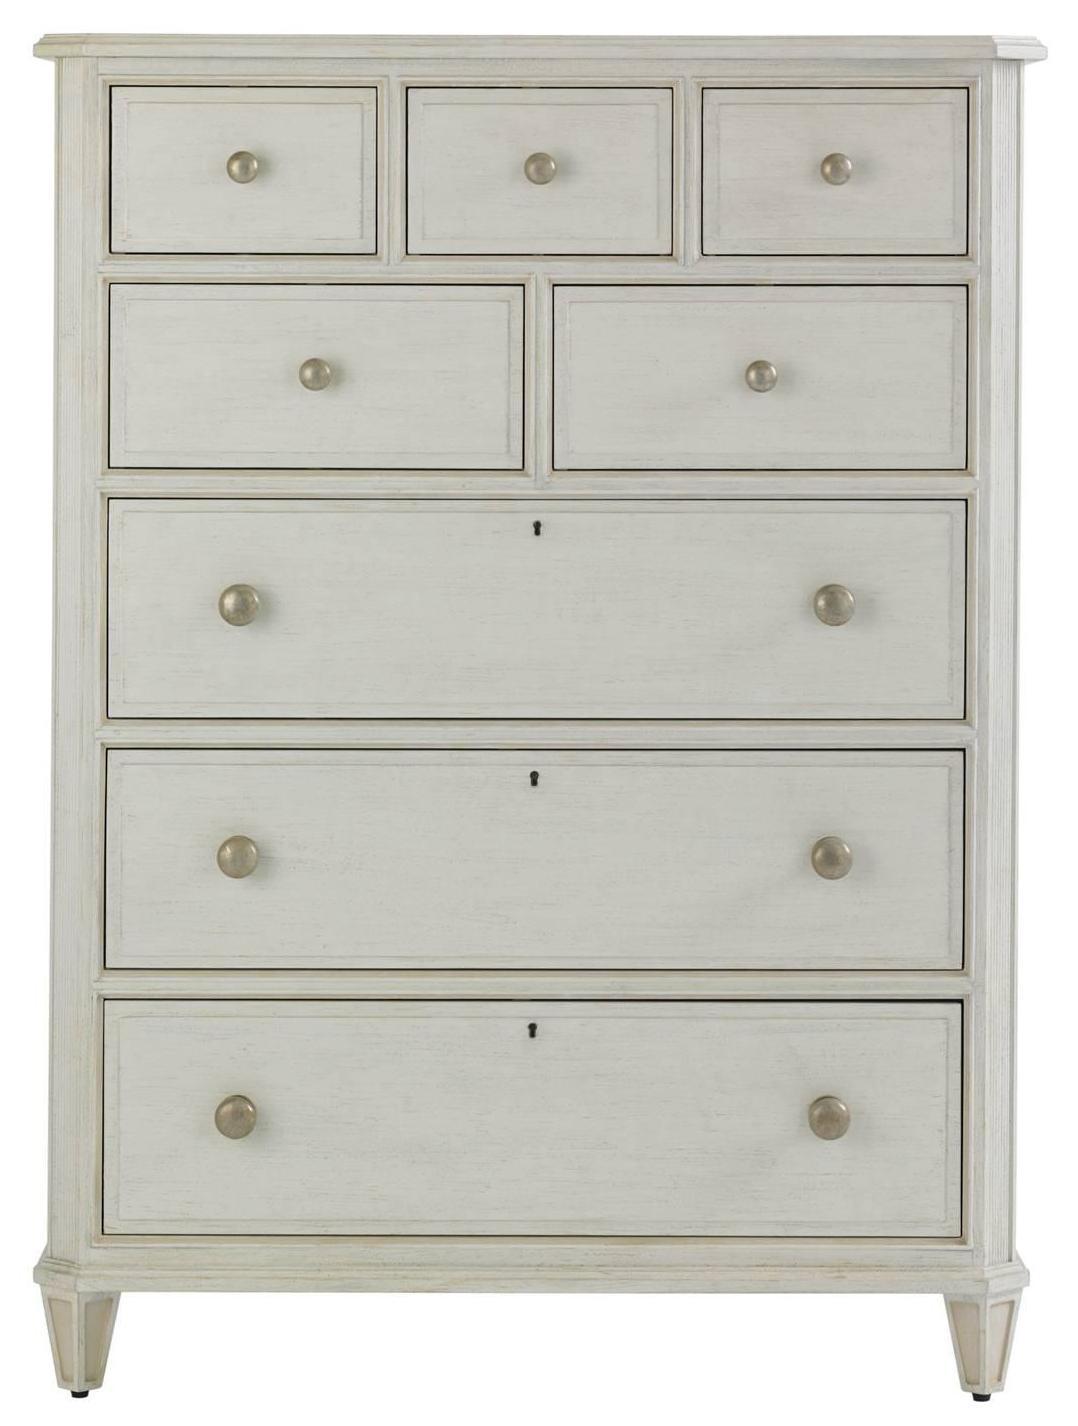 Stanley Furniture Preserve Laurel Chest - Item Number: 340-23-10